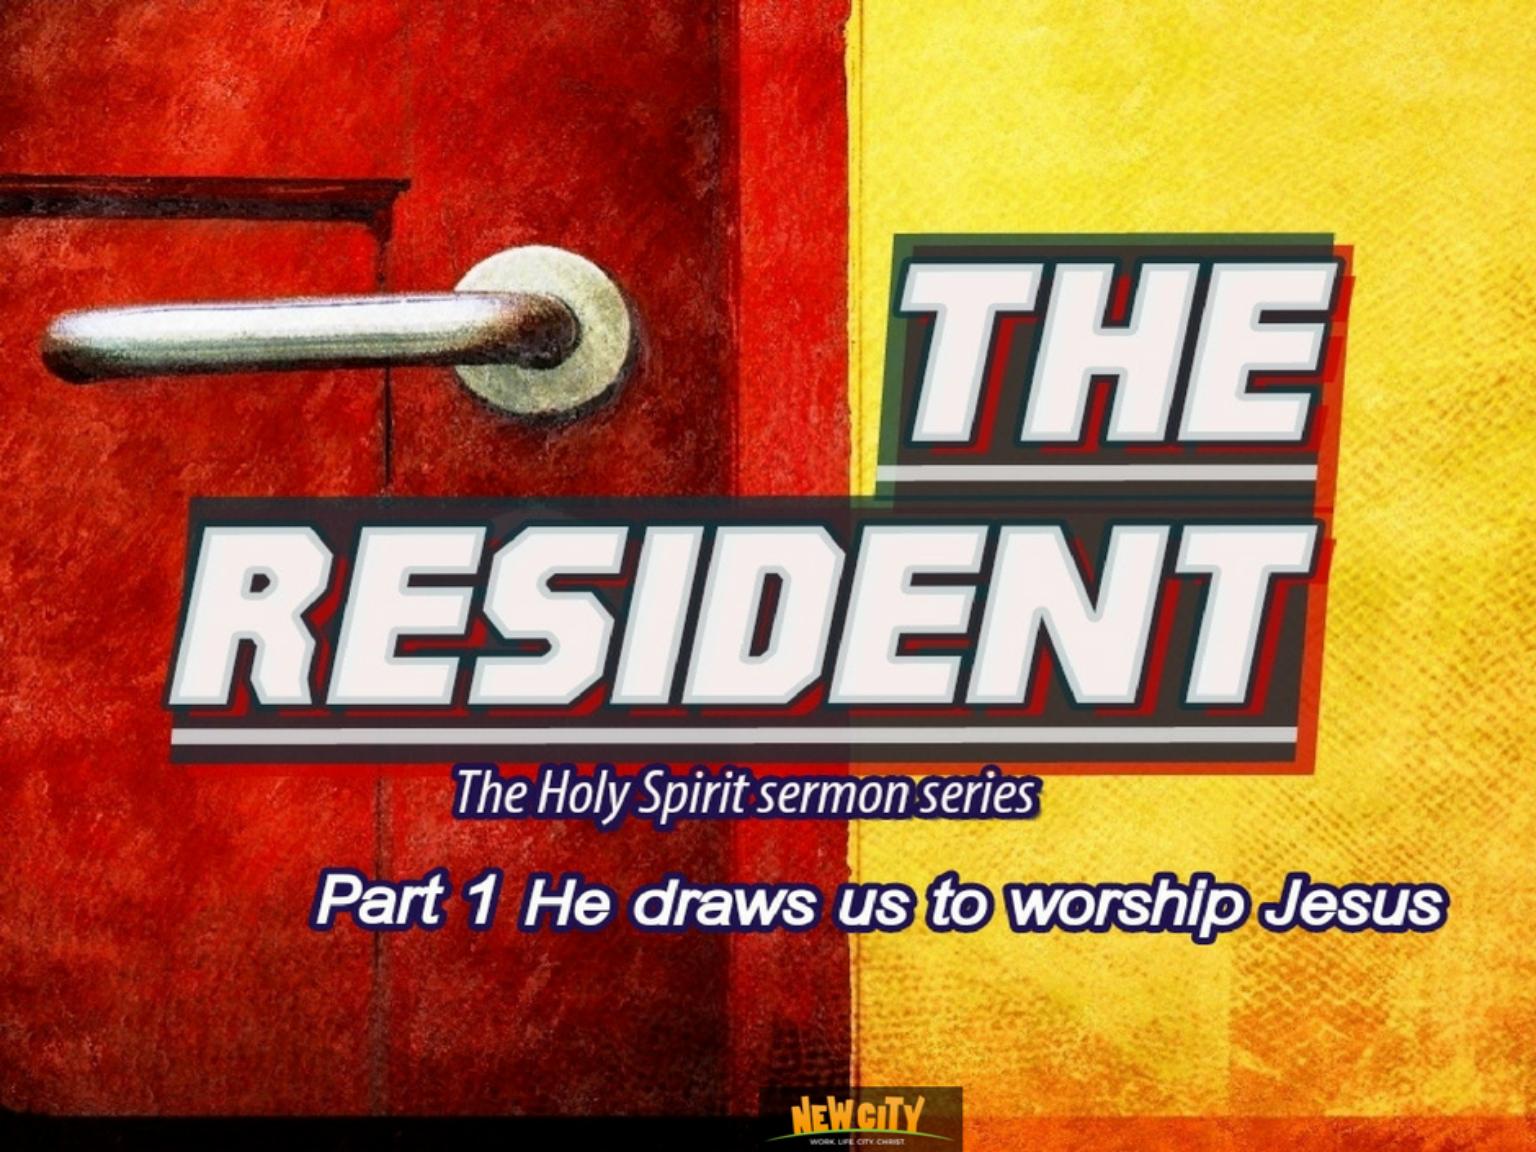 He draws us to worship Jesus Image